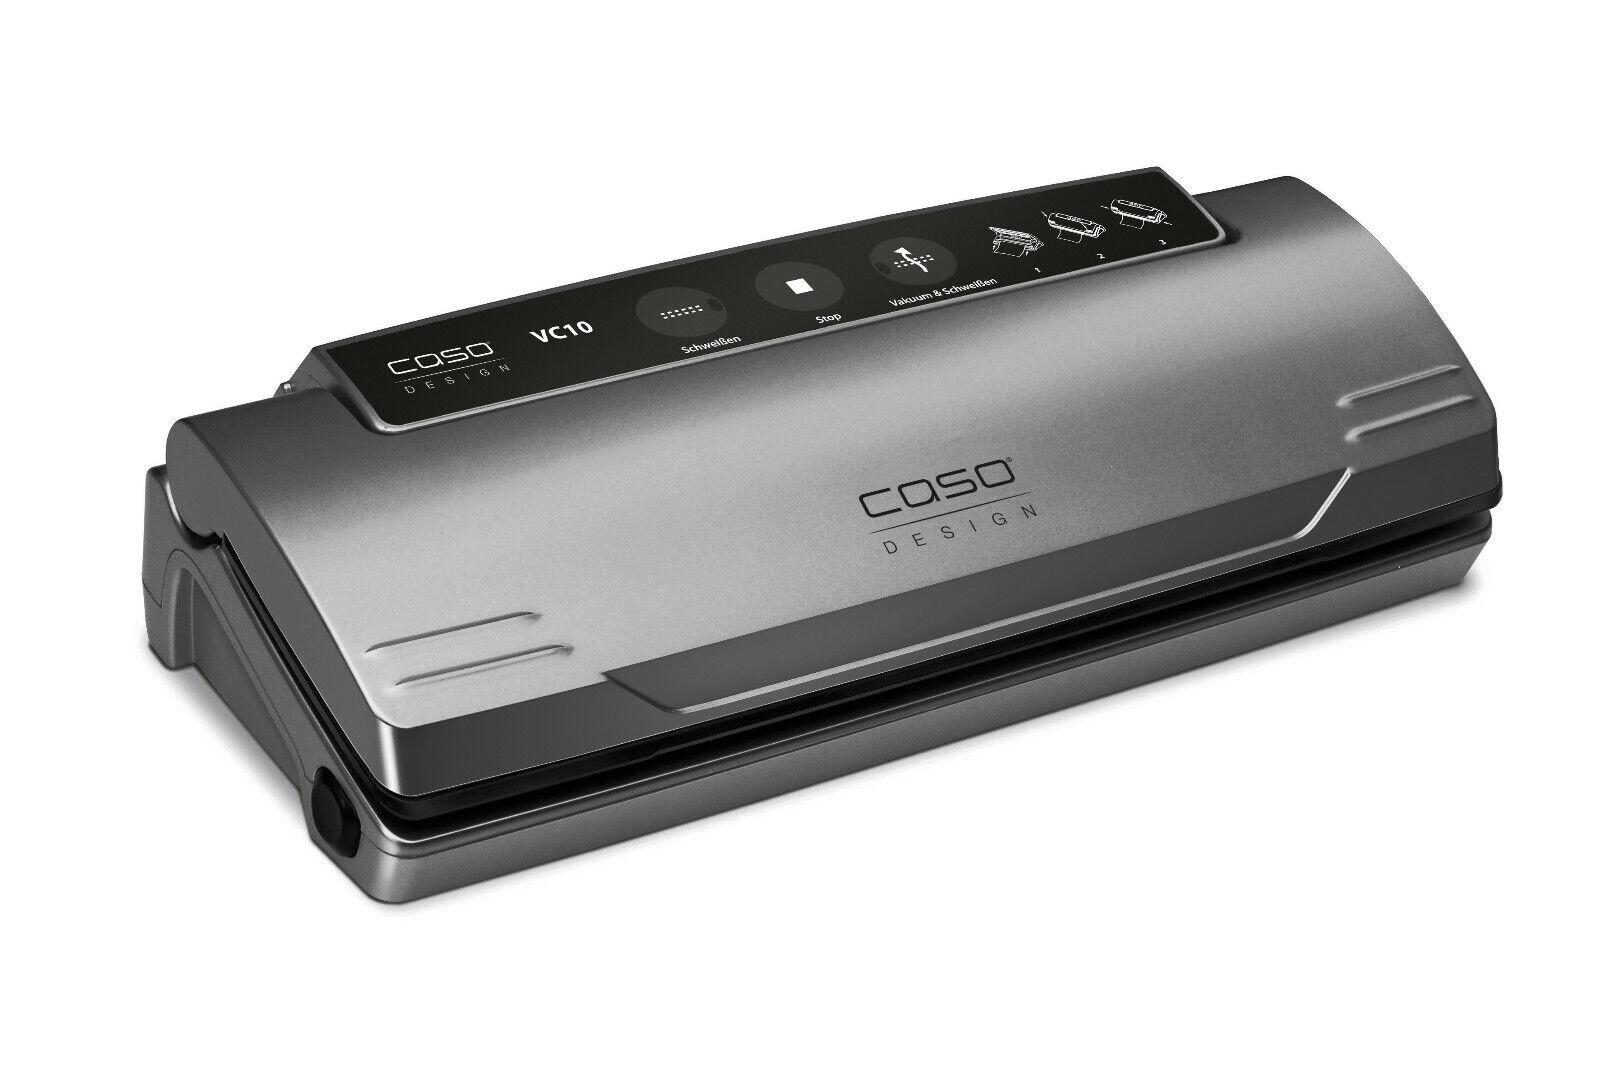 CASO VC 10 Testsieger Set - Vakuumiersystem mit viel Zubehör (B-Ware)